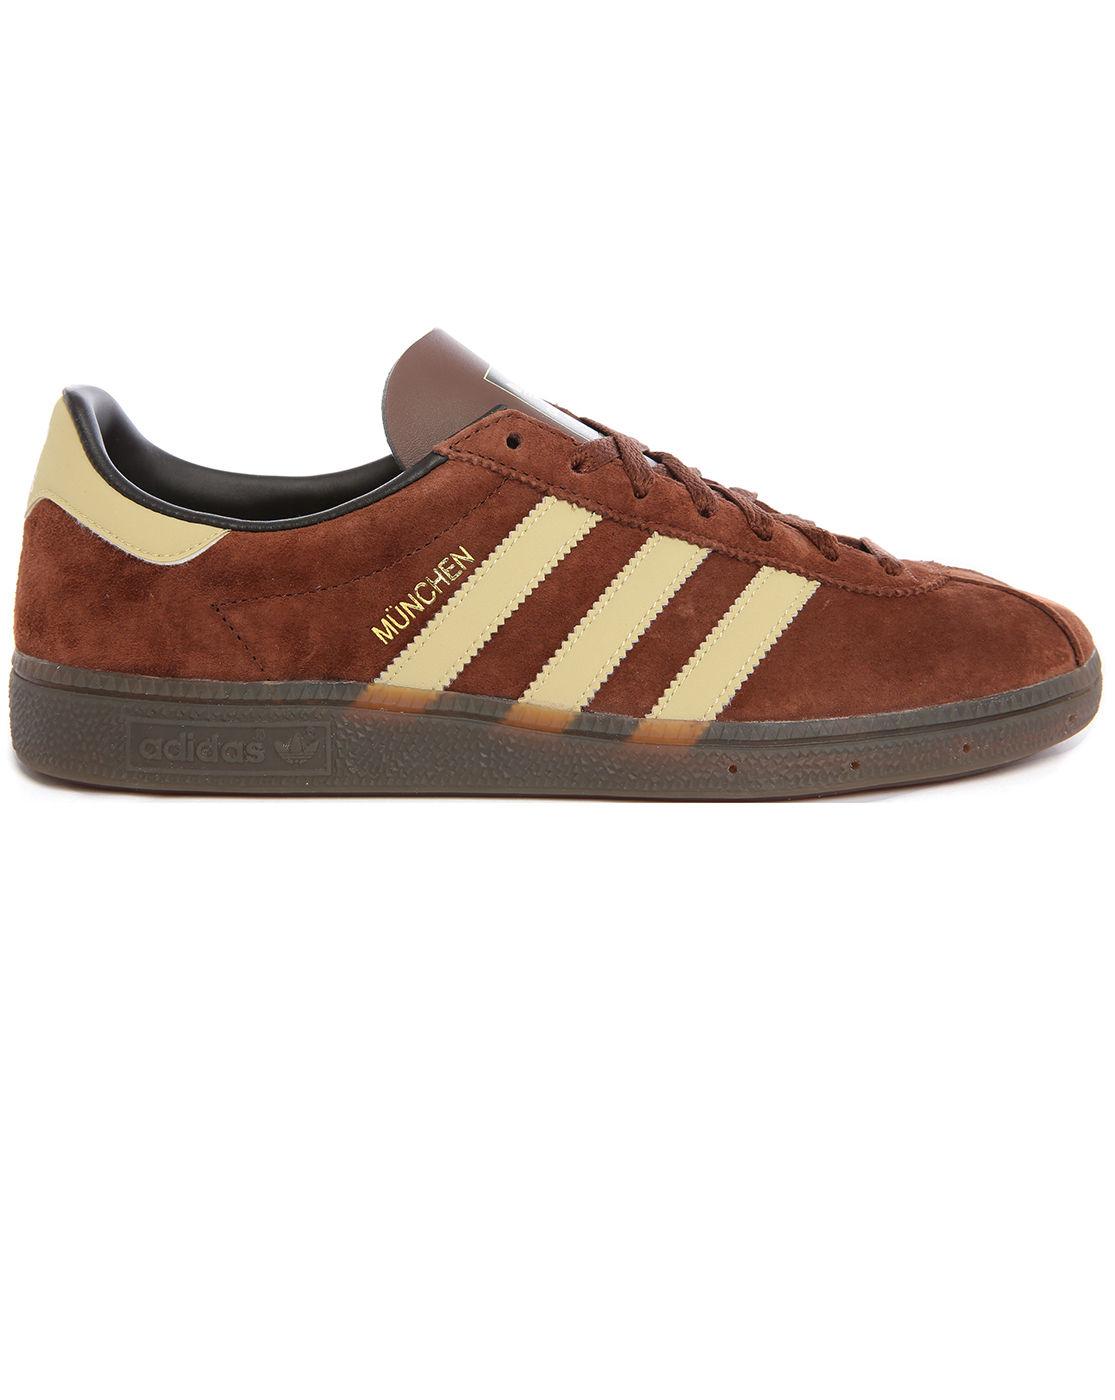 Adidas Originals Brown Suede